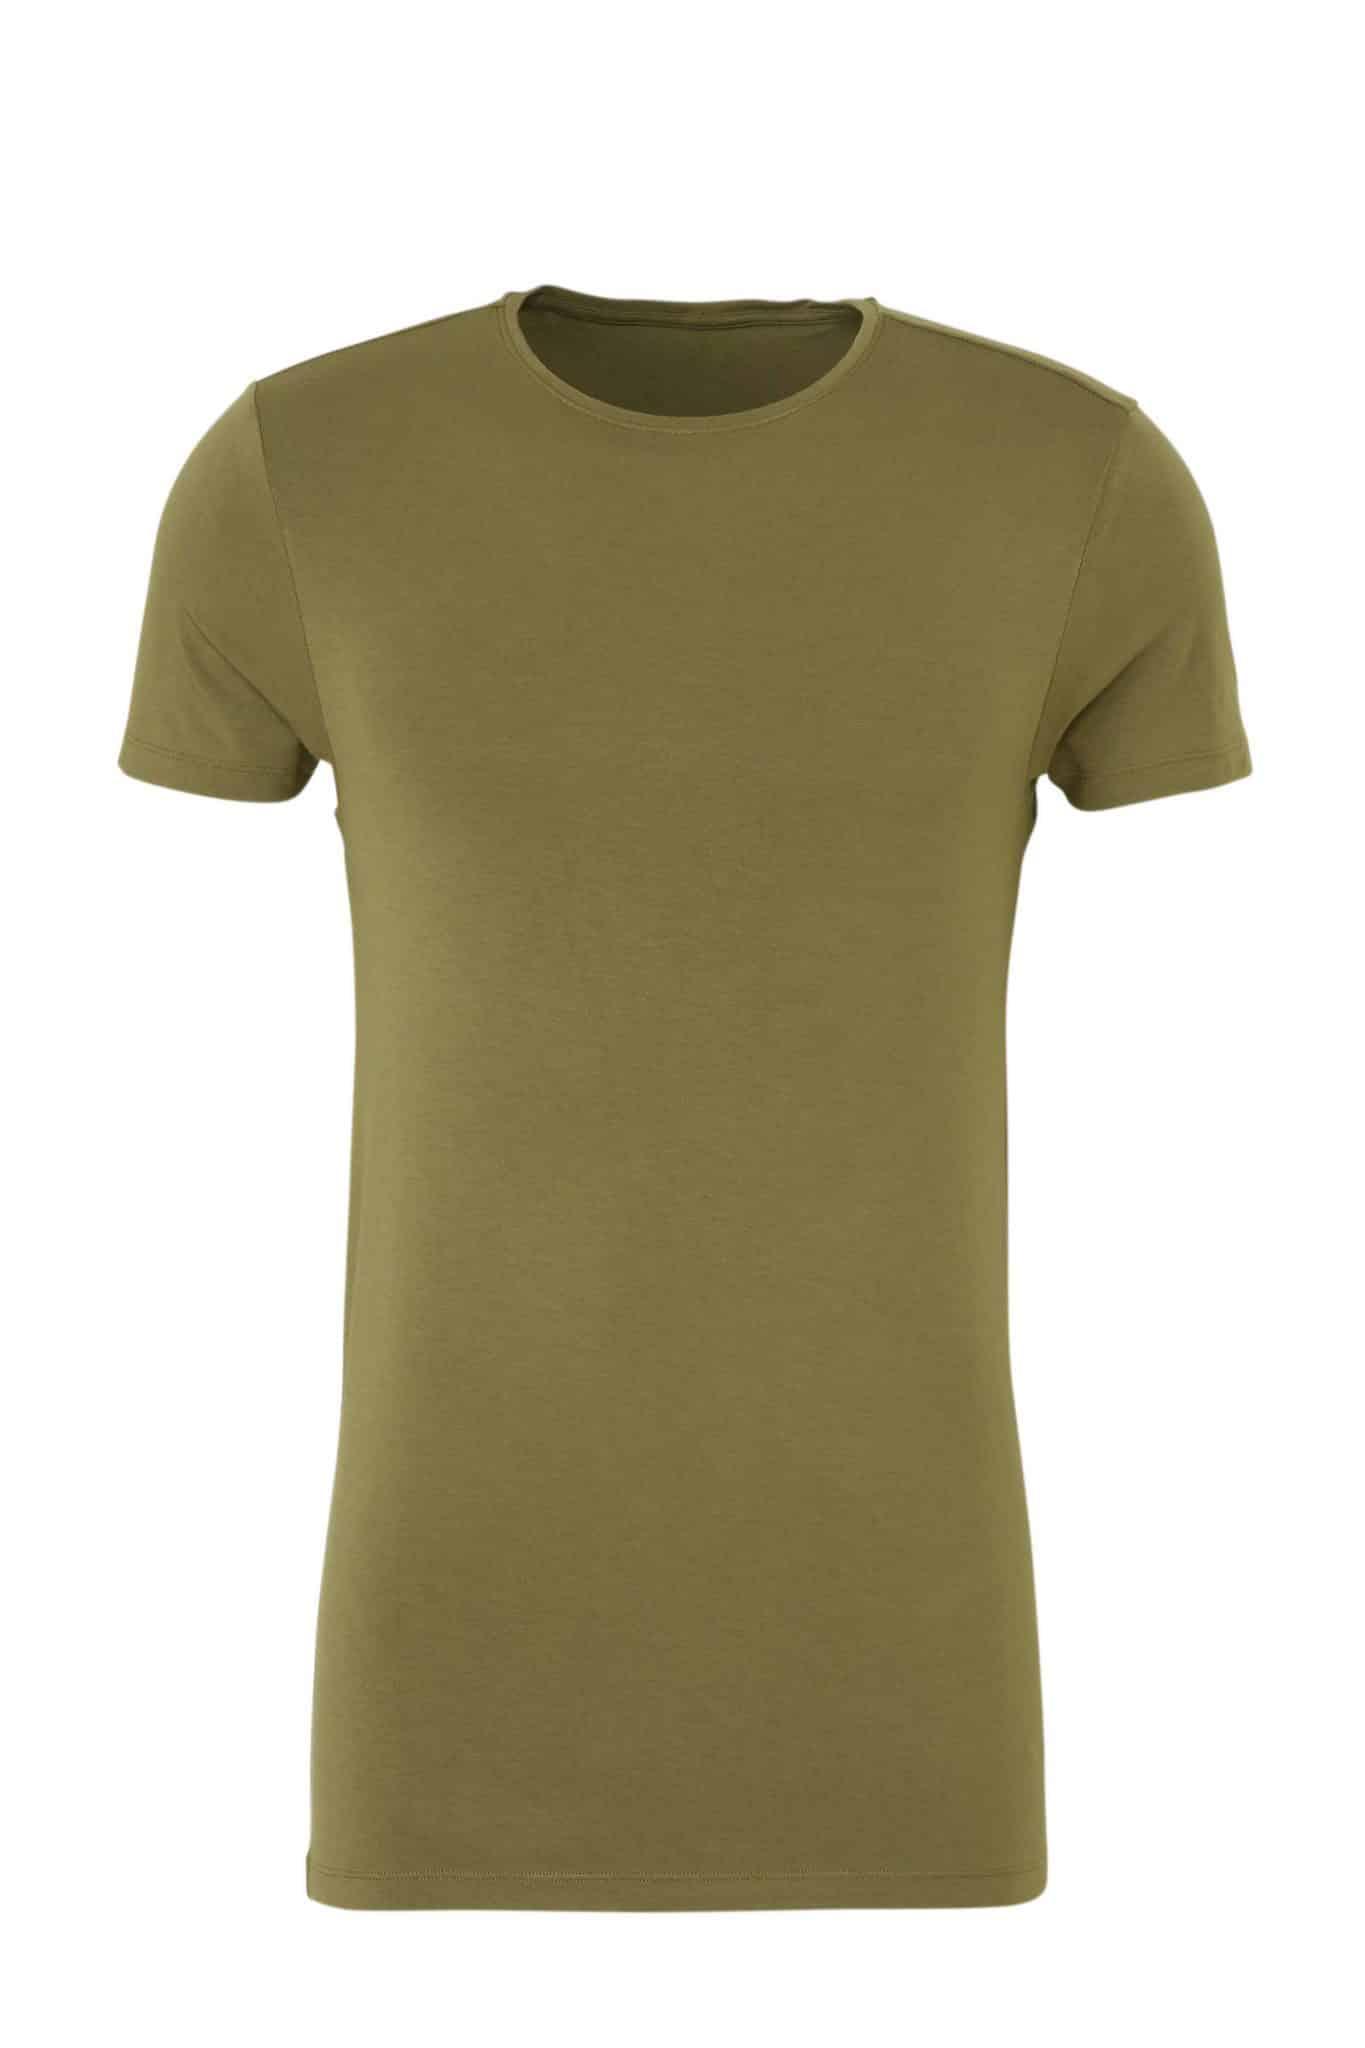 Groen bamboe t-shirt van Ten Cate